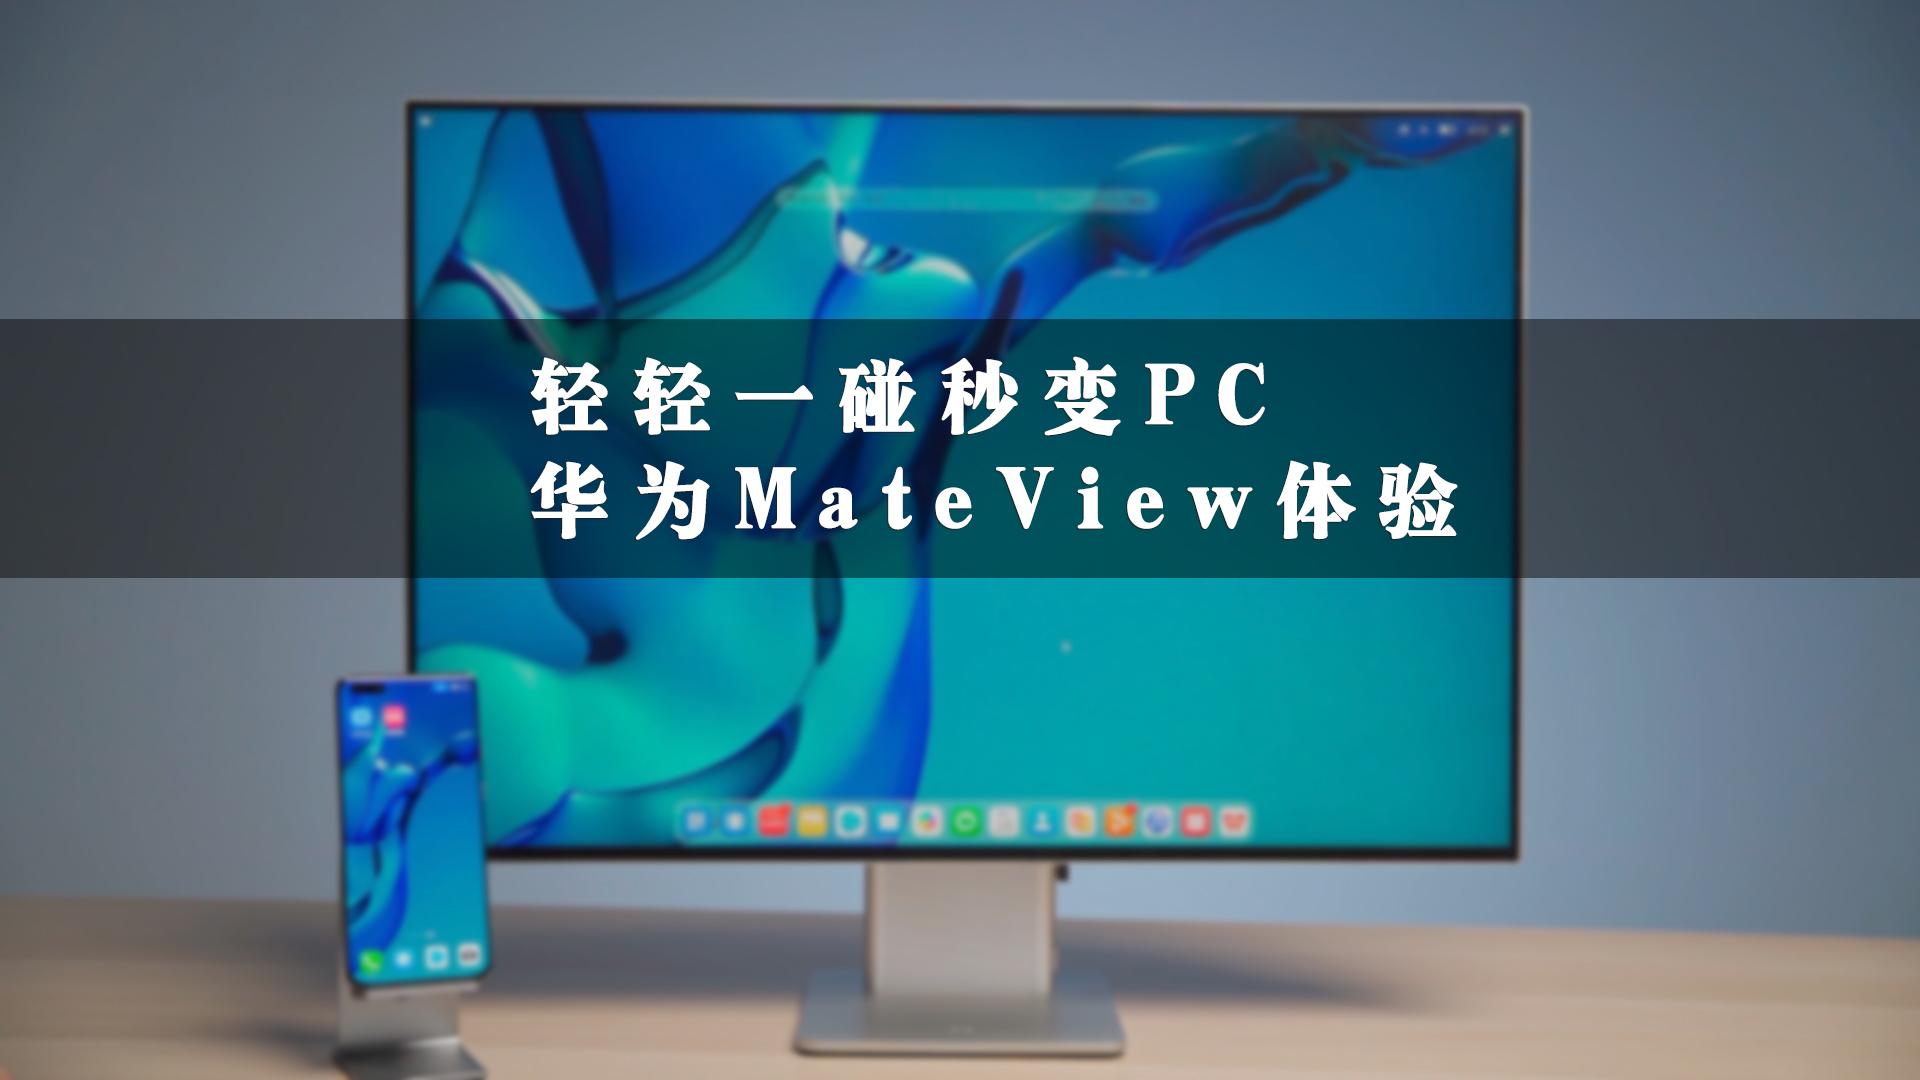 轻轻一碰秒变PC  华为MateView打破我对显示器的固有观念